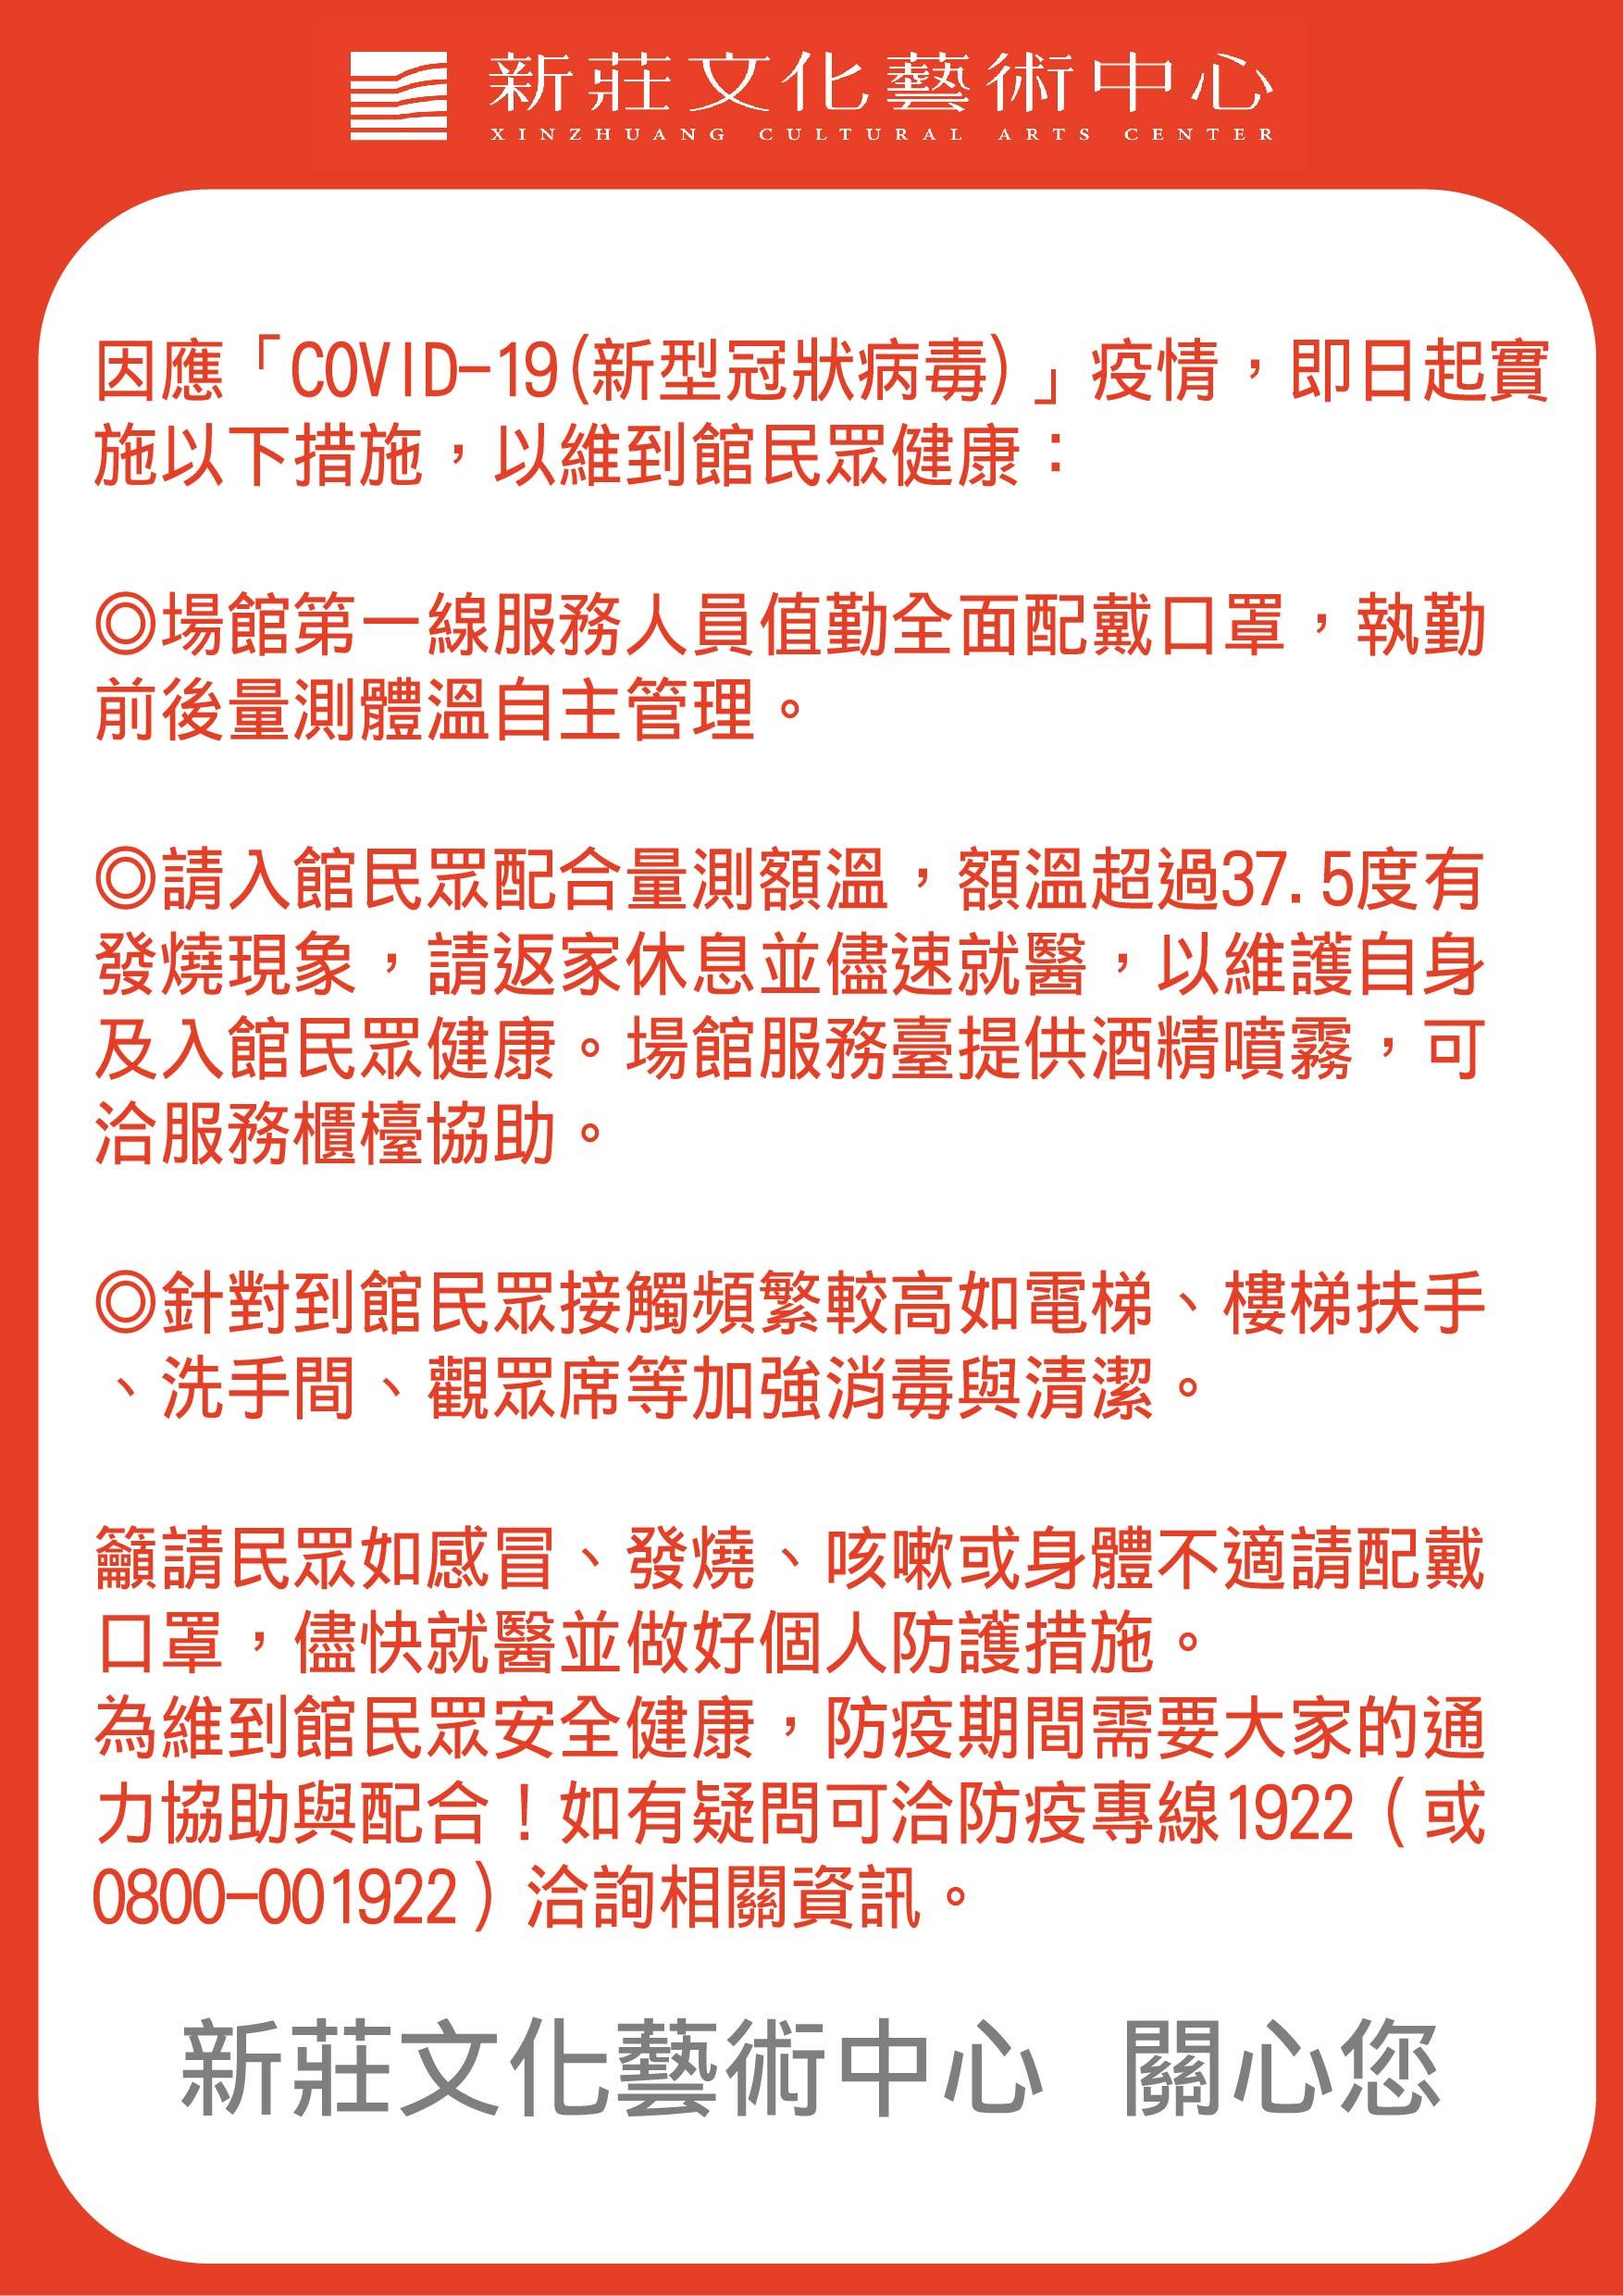 新莊文化藝術中心因應「中國大陸新型冠狀病毒肺炎(武漢肺炎)」疫情, 即日起實施以下措施,以維護到館民眾健康